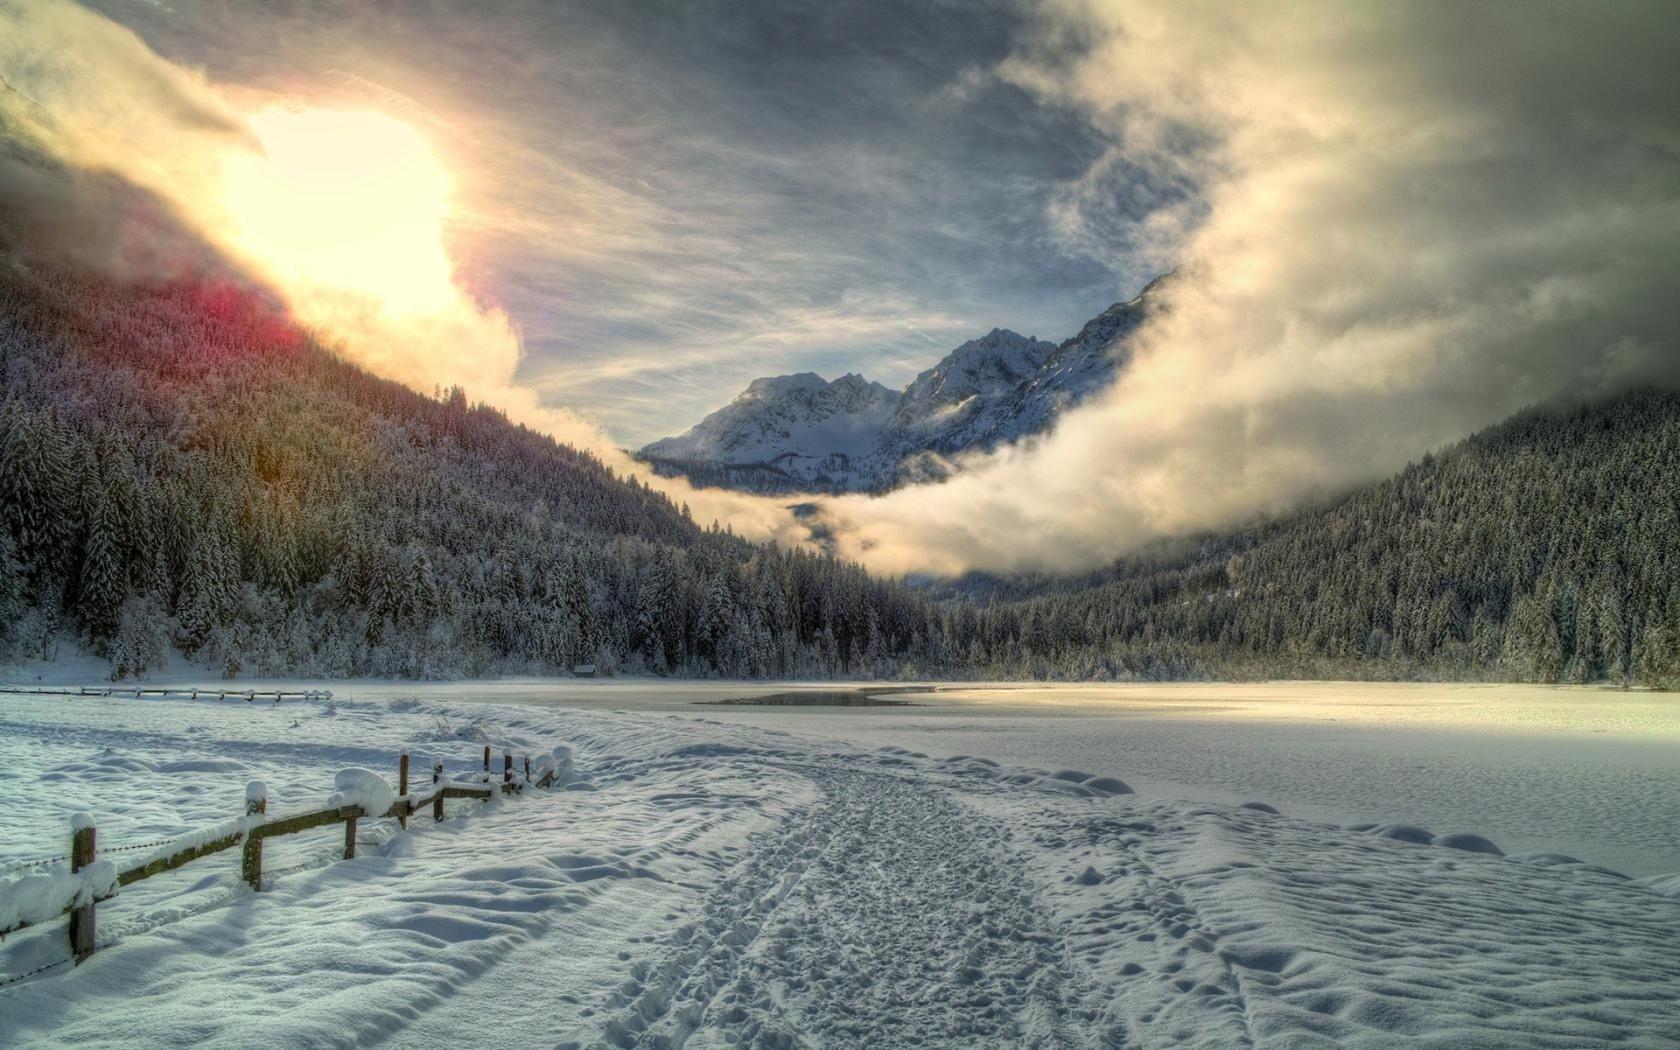 Видеть сон, что вы застряли в сугробах, в которые вас завела еле видная из-под снега тропочка — берегите здоровье.